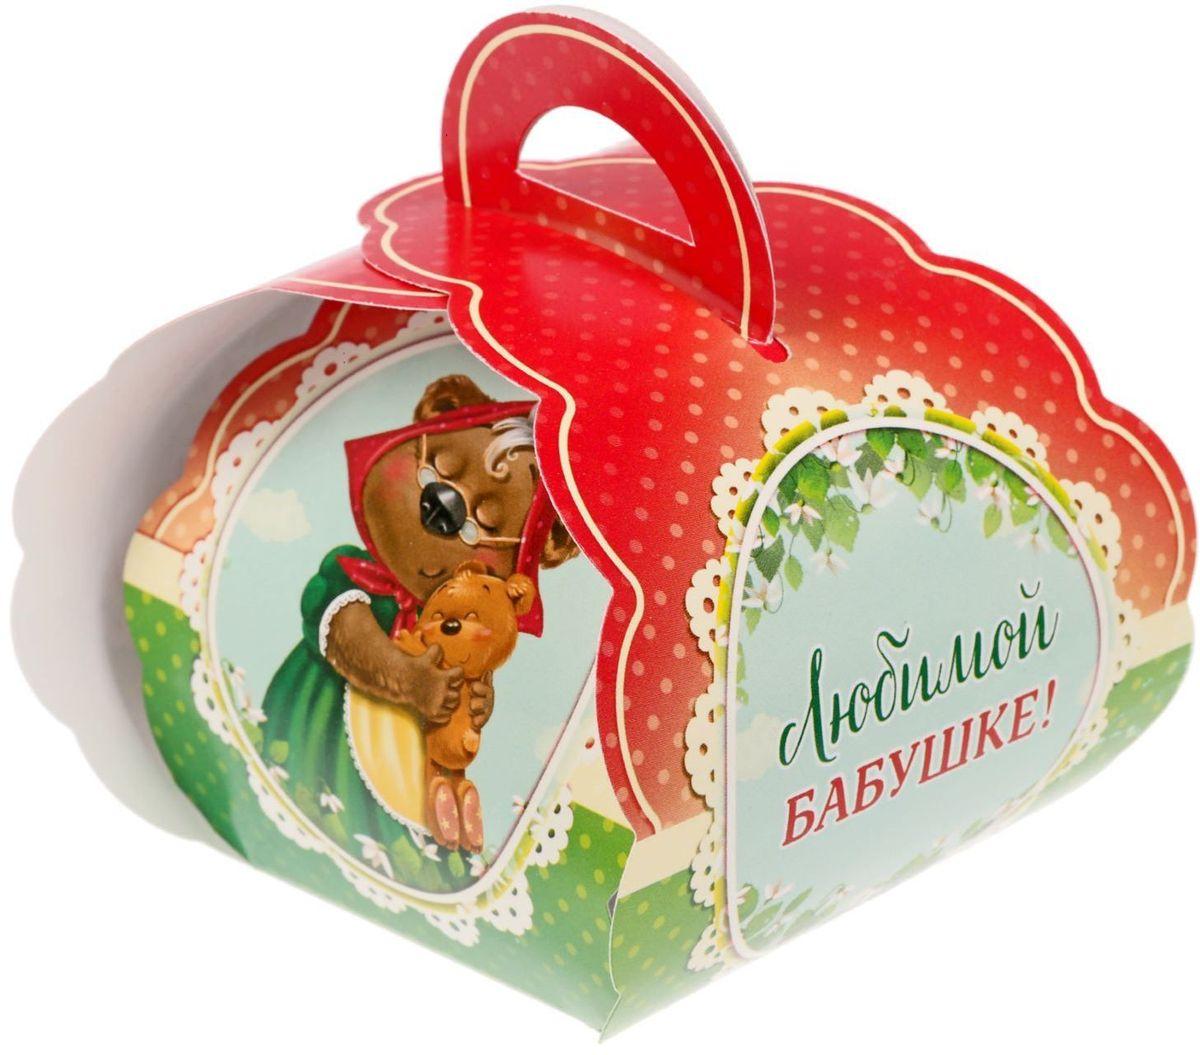 Коробочка подарочная для яйца Любимой бабушке. Со светлой пасхой!. 17469931746993Коробочка подарочная для яйца — новое веяние в мире подарочной упаковки. Представьте, как здорово будет преподнести родным и близким подарки в таком оформлении. Душевный дизайн в народном стиле и пасхальные символы никого не оставят равнодушным. Коробочка надёжна и легка в использовании. Согните её по линиям и положите внутрь заготовленный презент. Благодаря удобной ручке изделие удобно переносить. Размер заготовки: 13,4 х 26,2 см.